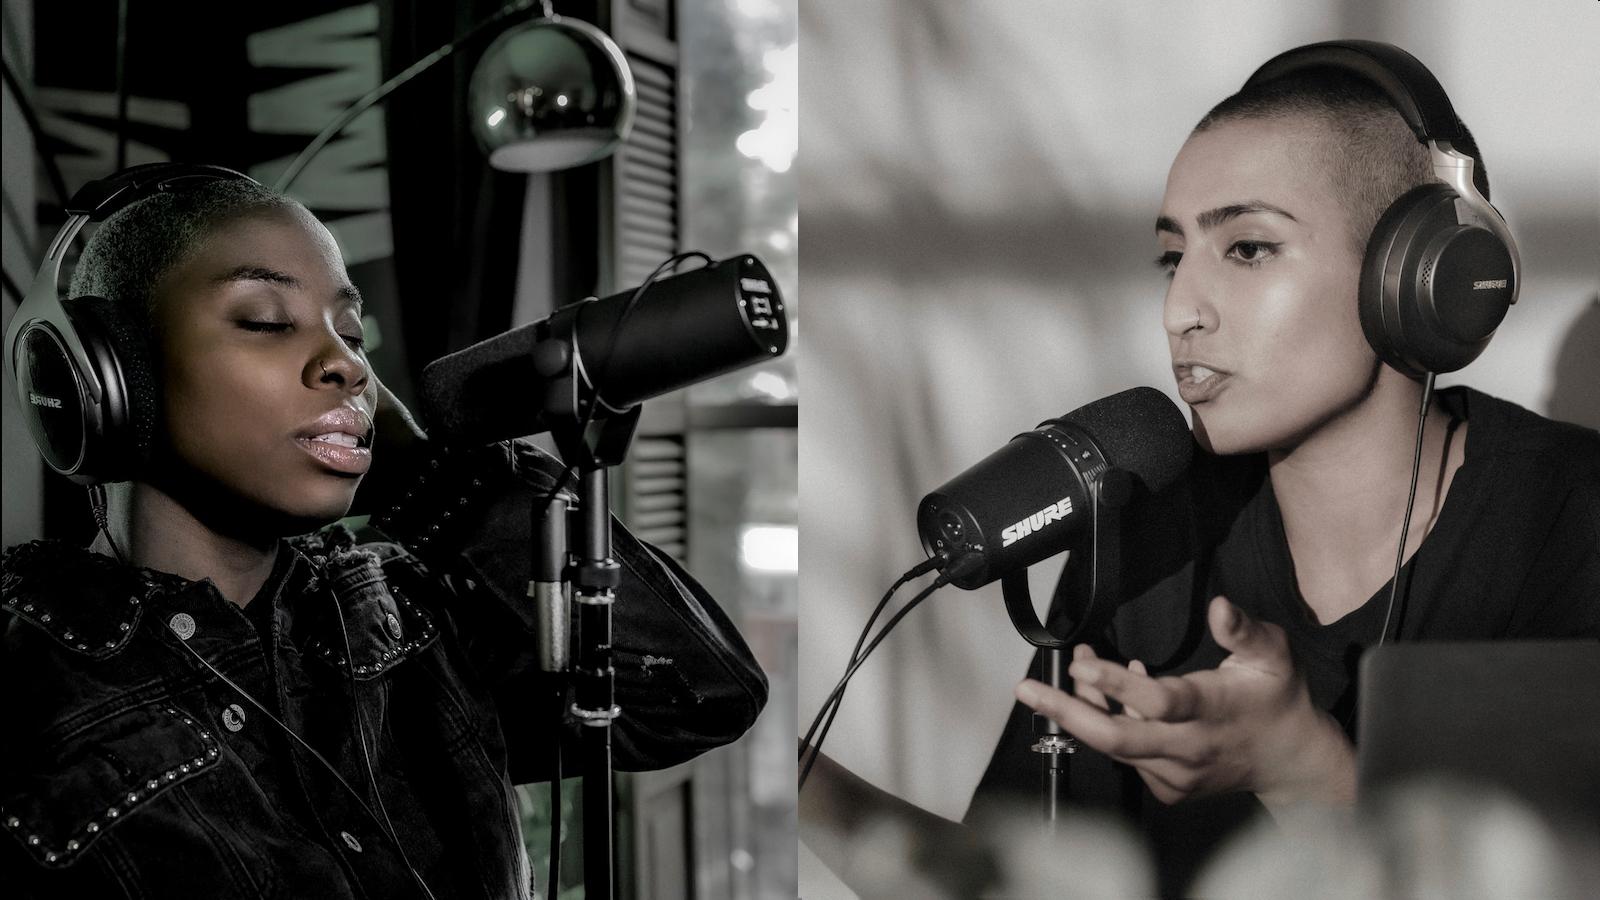 MV7 o SM7B: ¿Cuál es el micrófono correcto para ti?